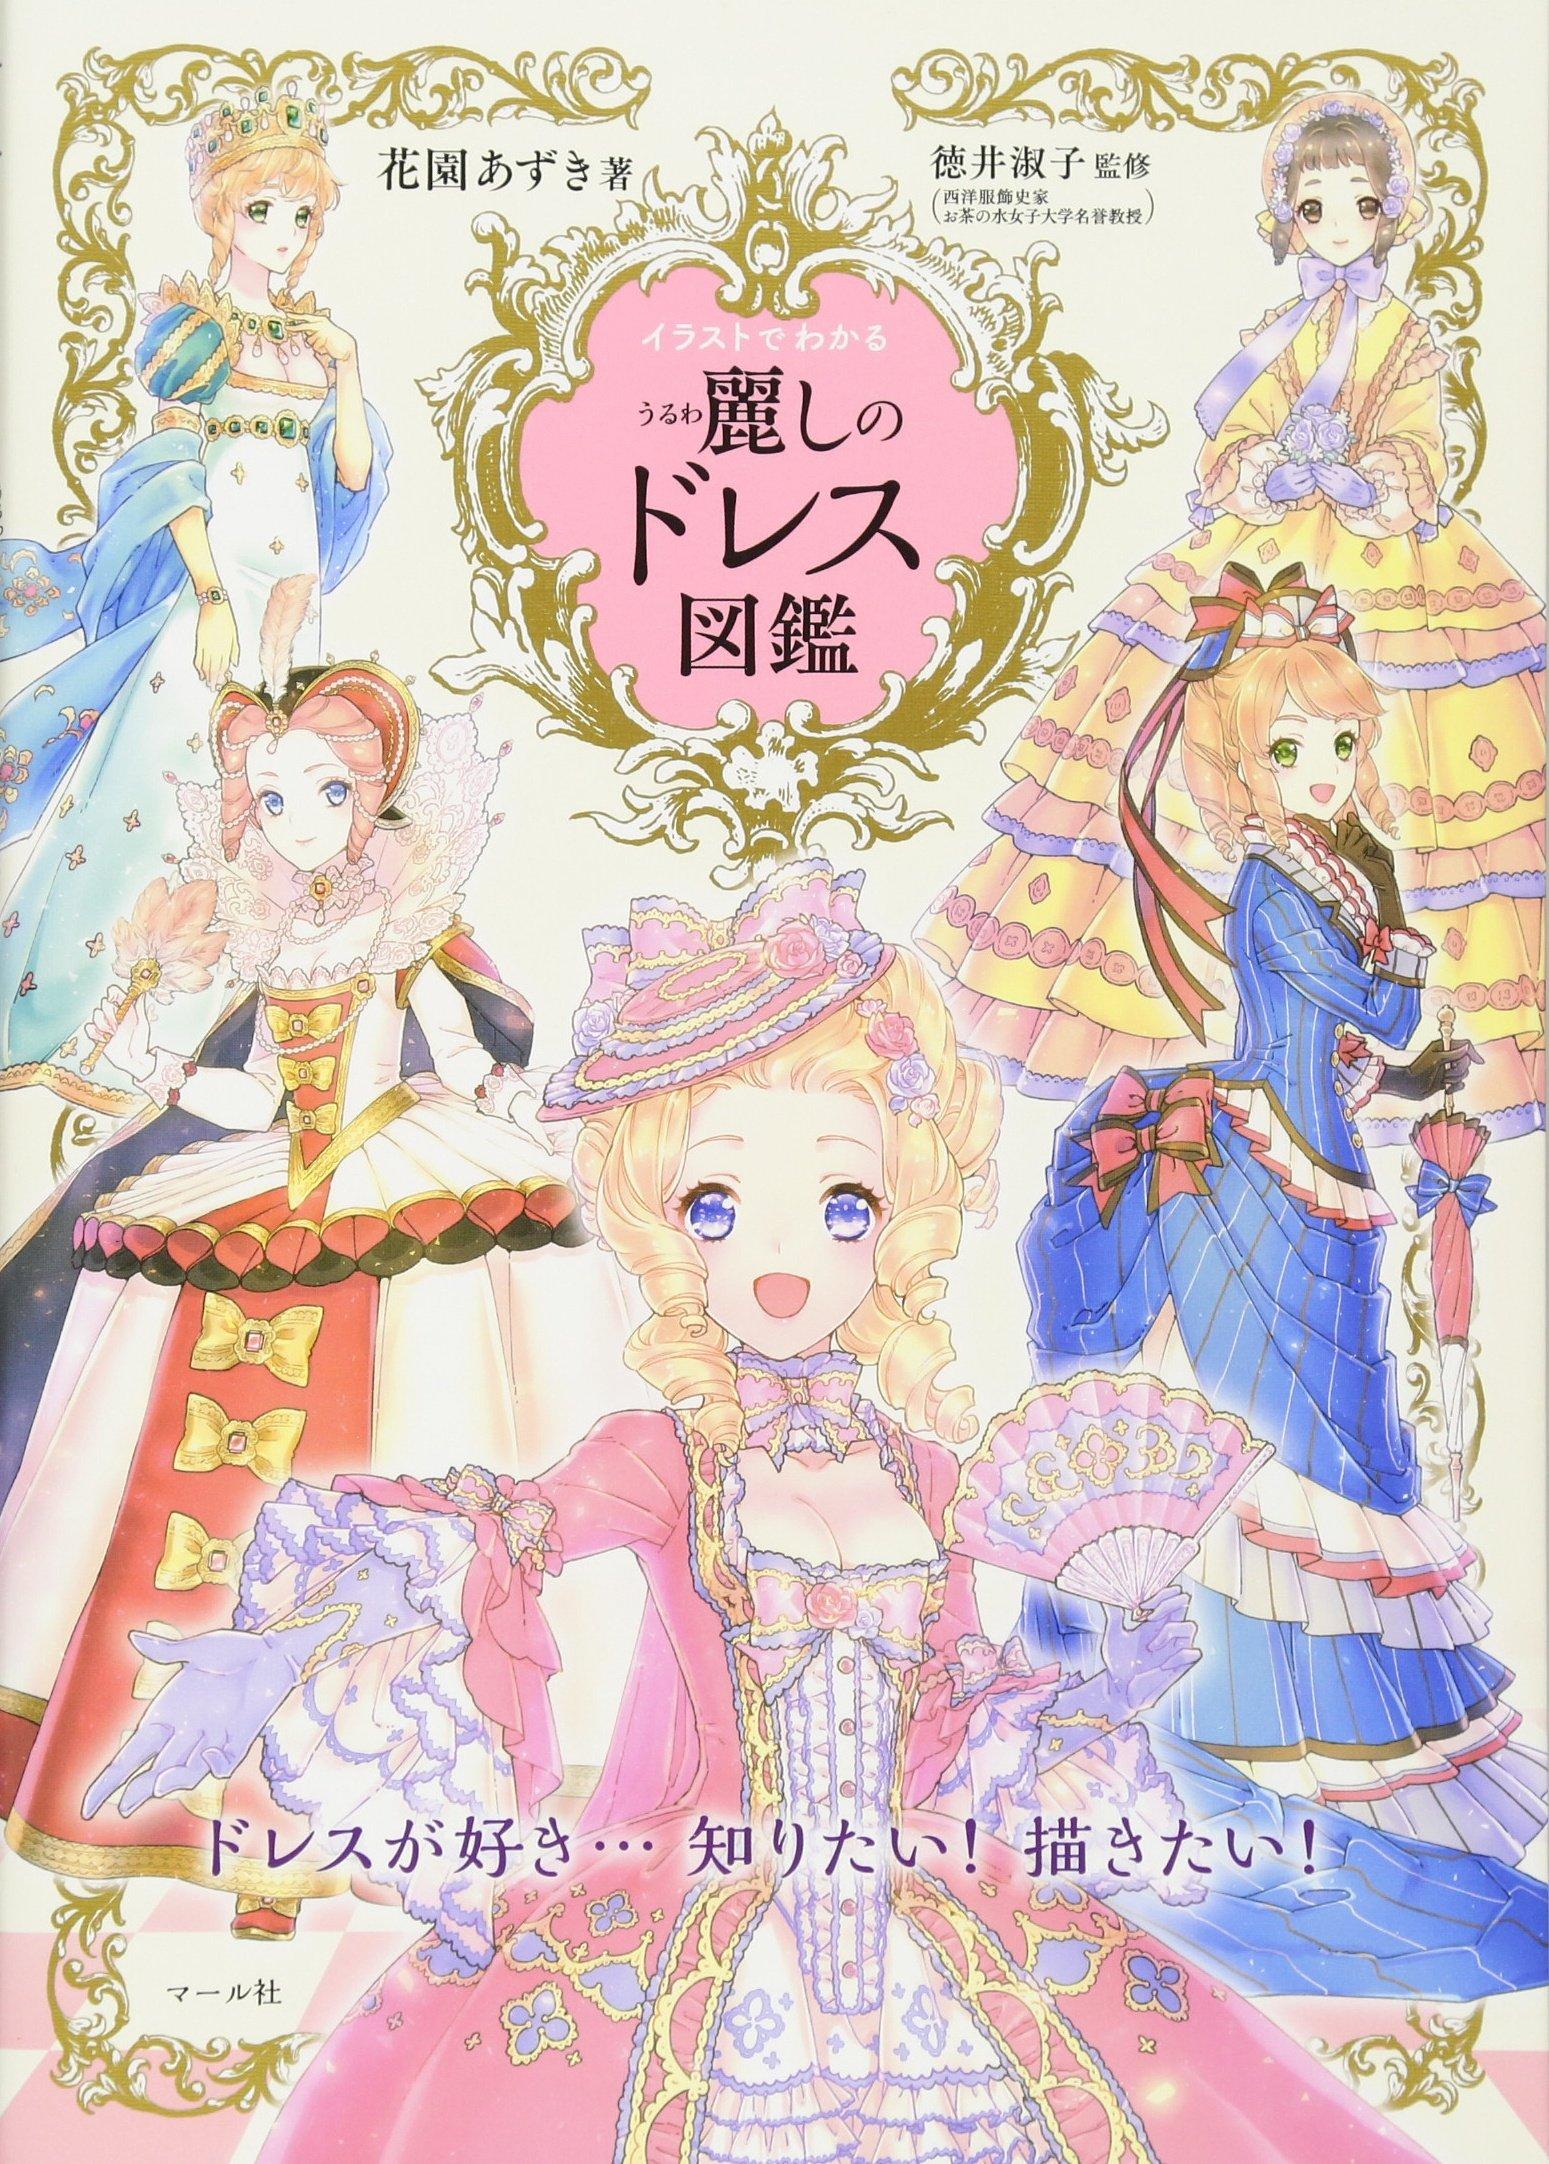 麗しのドレス図鑑 花園あずき 徳井 淑子 本 通販 Amazon